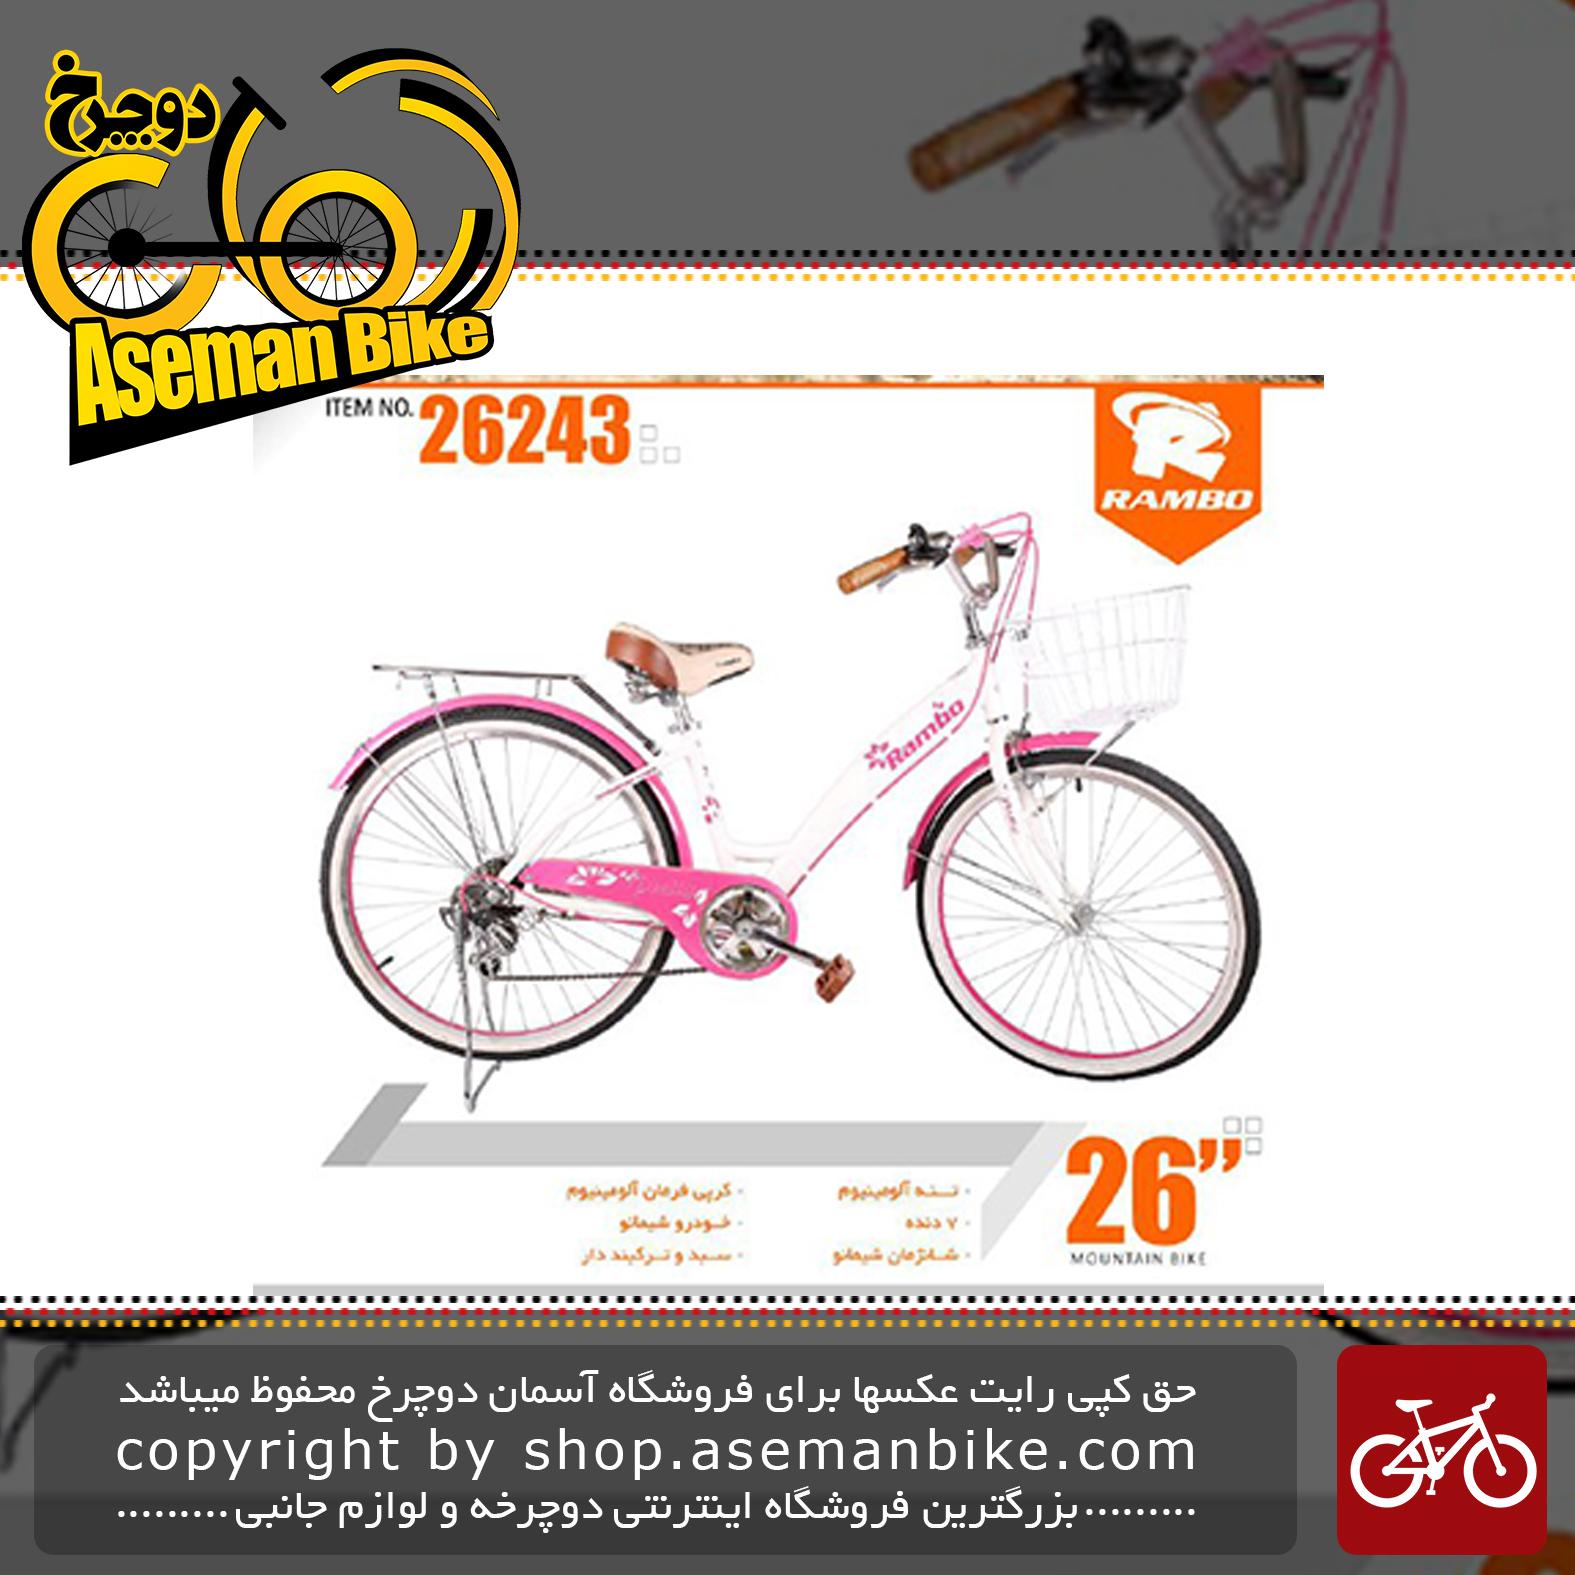 دوچرخه شهری رامبو سایز 26مدل پرتیRAMBO SIZE 26 PRETTY